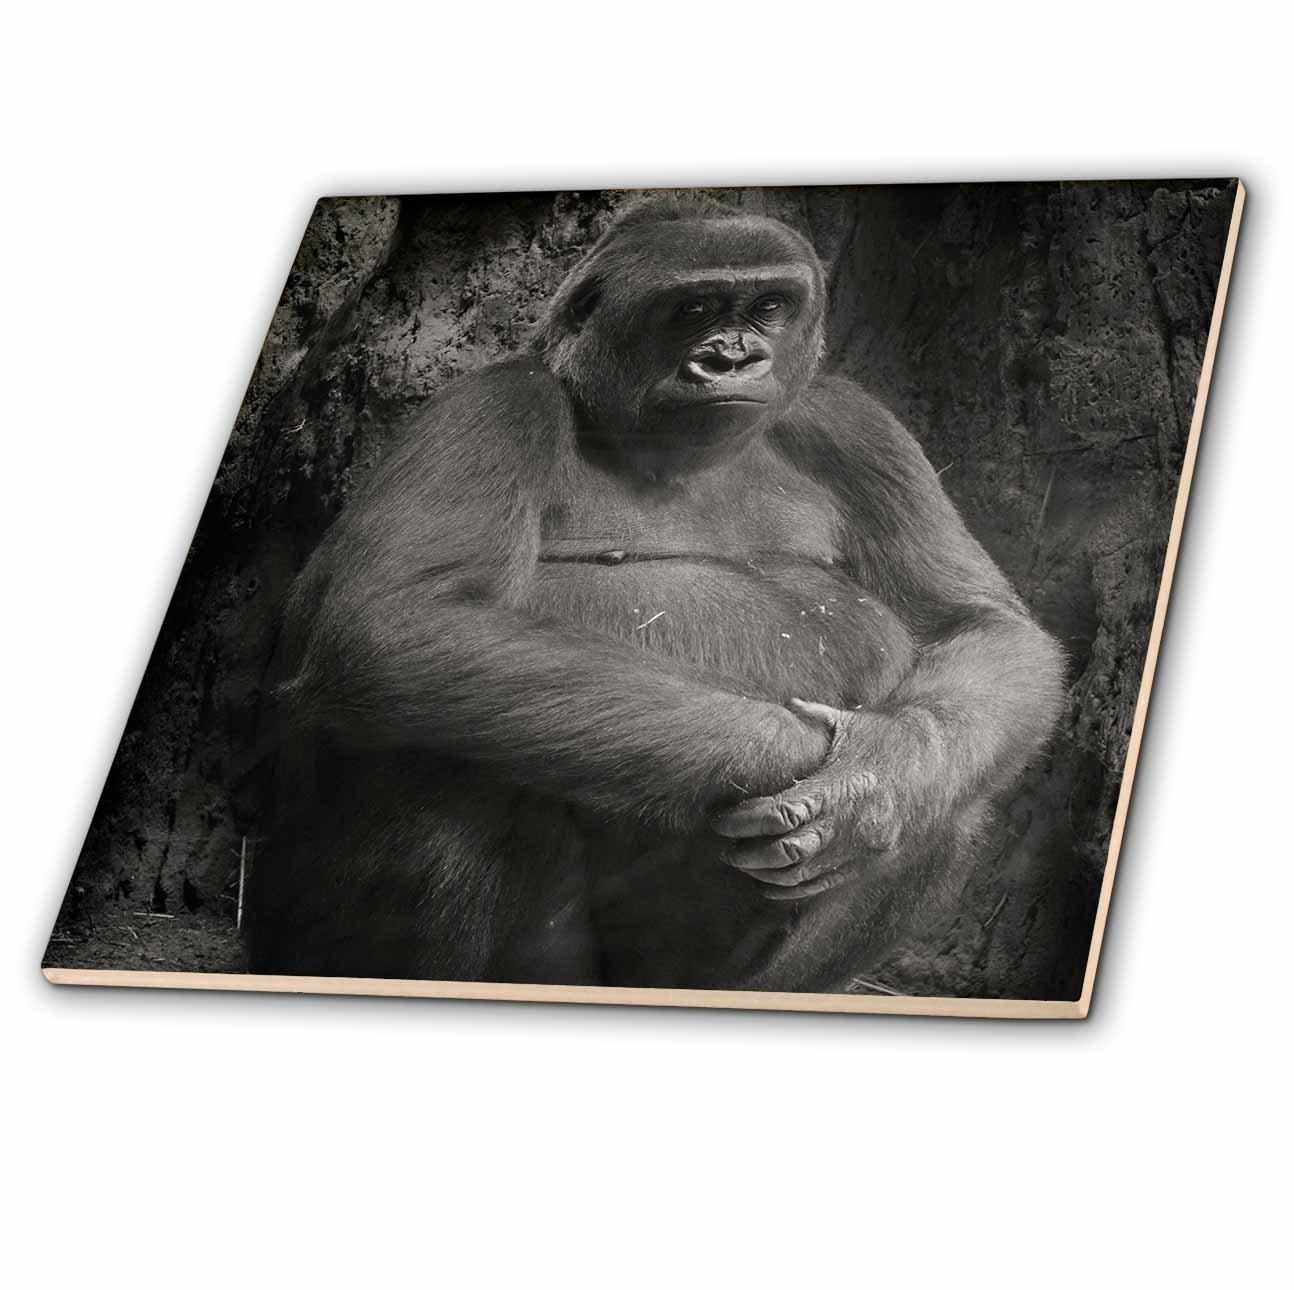 """3dRose ct_203172_4 Black & White Picture of a Gorilla Ceramic Tile, 12"""""""